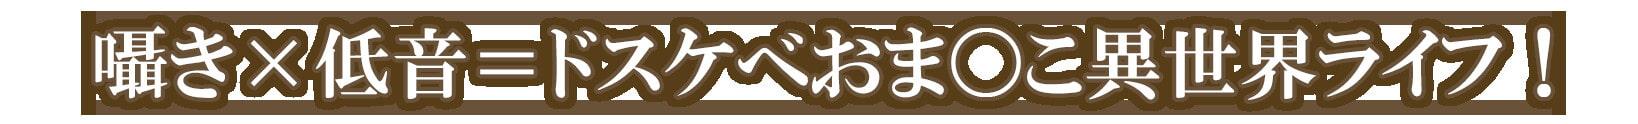 【ダウナー系シスターと低音ボイス女海賊の】囁き×おま〇こ!異世界性活【195分大ボリューム!!!】 [脳とりがー]